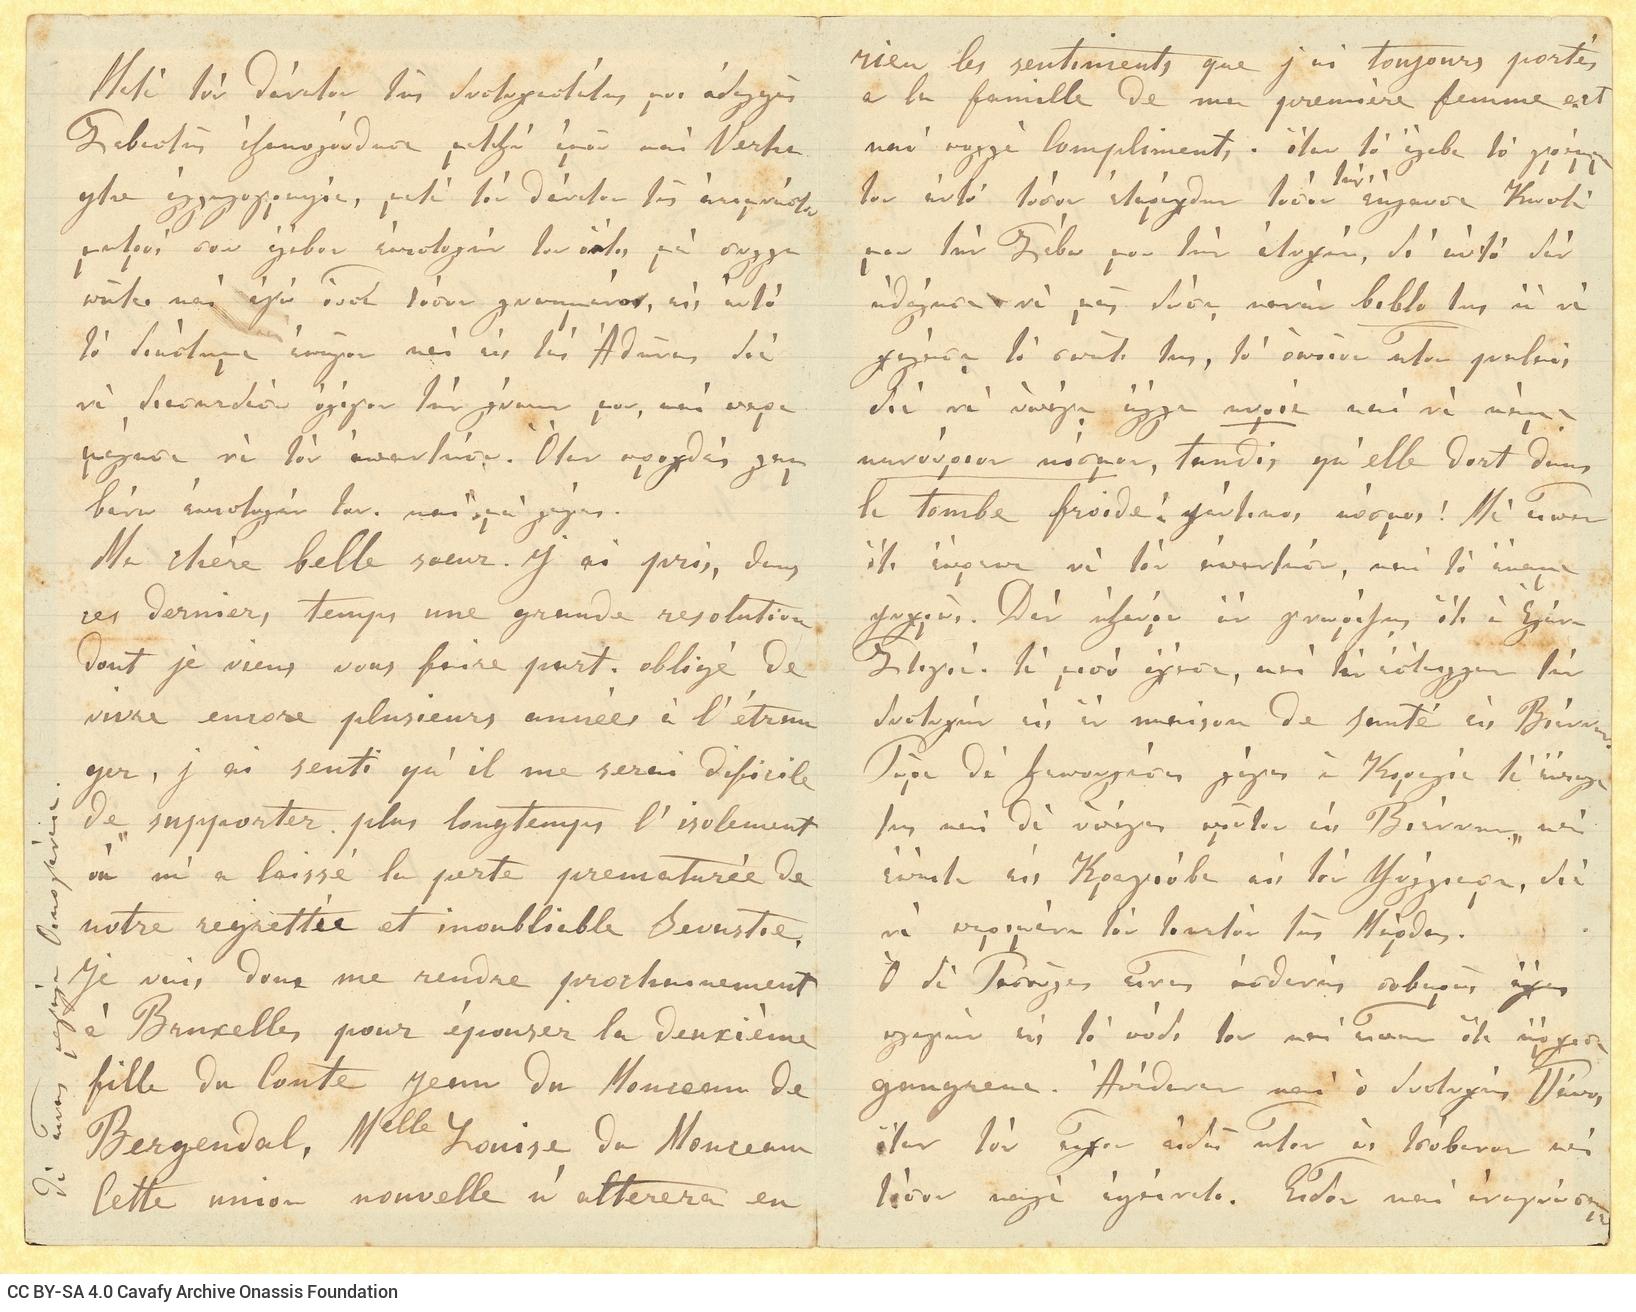 Χειρόγραφη επιστολή της Ευβουλίας Παπαλαμπρινού προς τον Καβάφη στ�